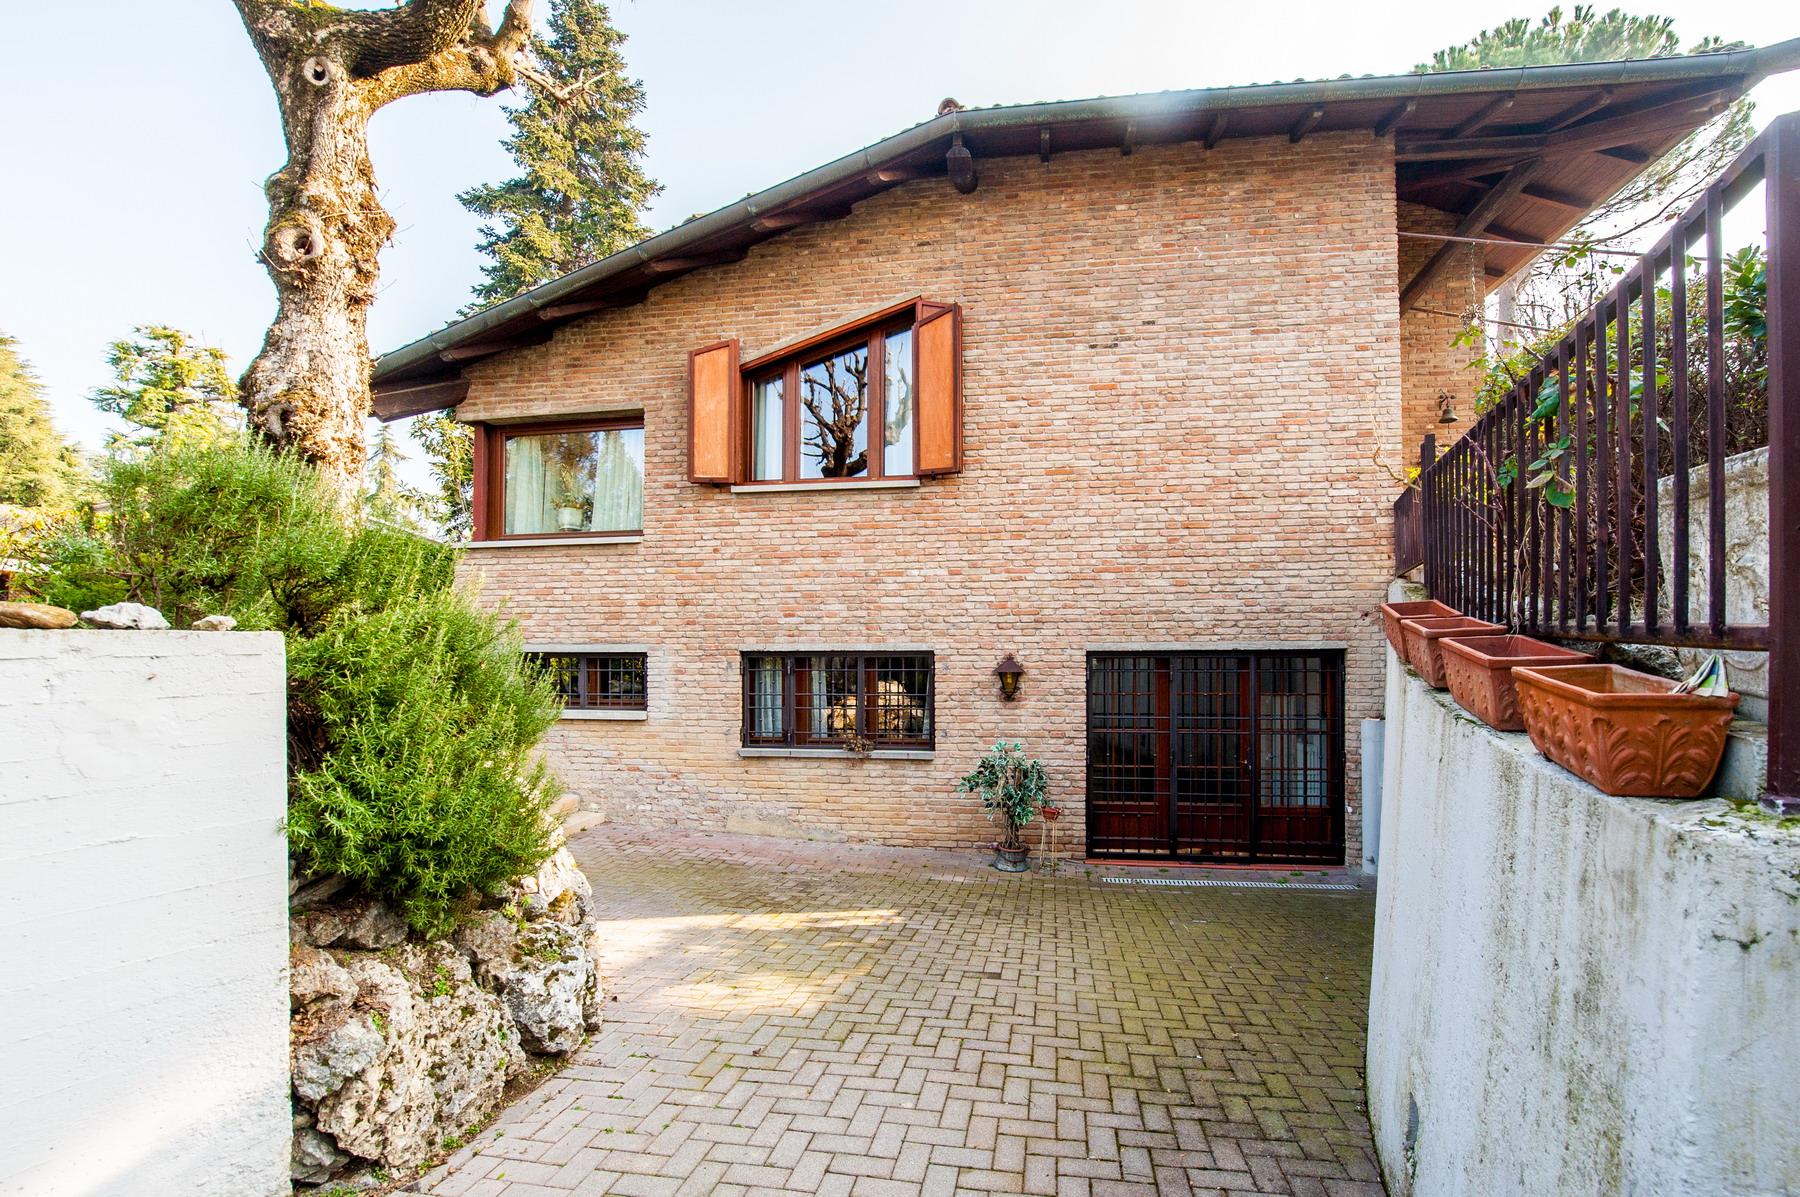 Zola Predosa Villa esclusiva con giardino 675.000